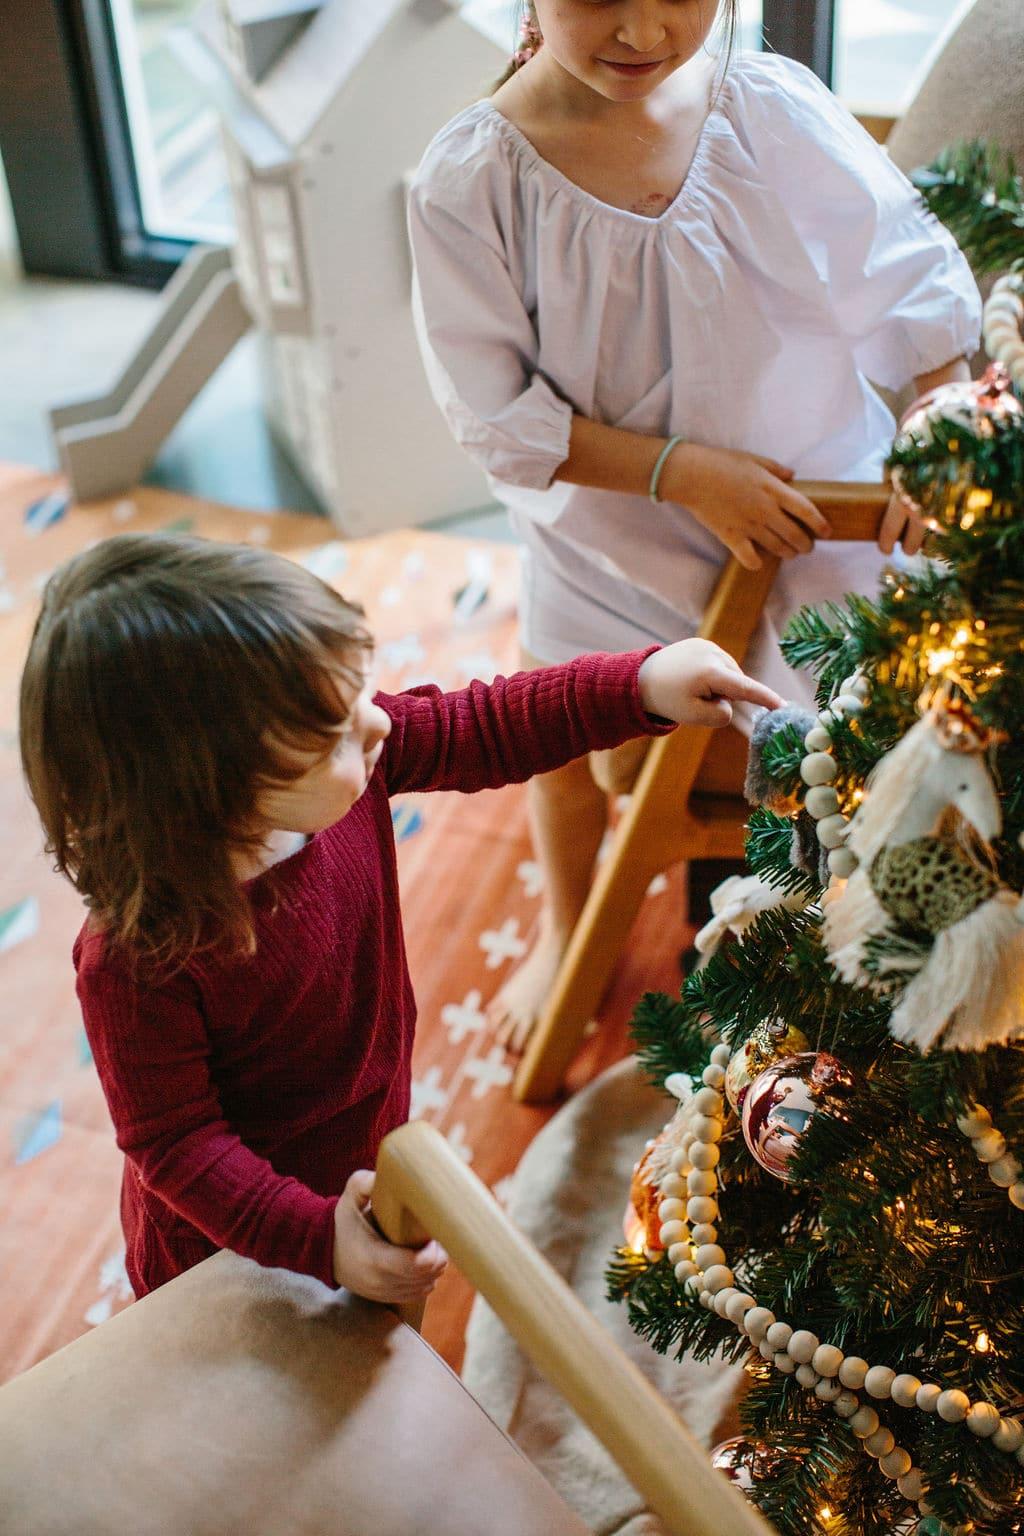 Kid's Christmas Tree Lights and Ornaments Pajamas Sisters